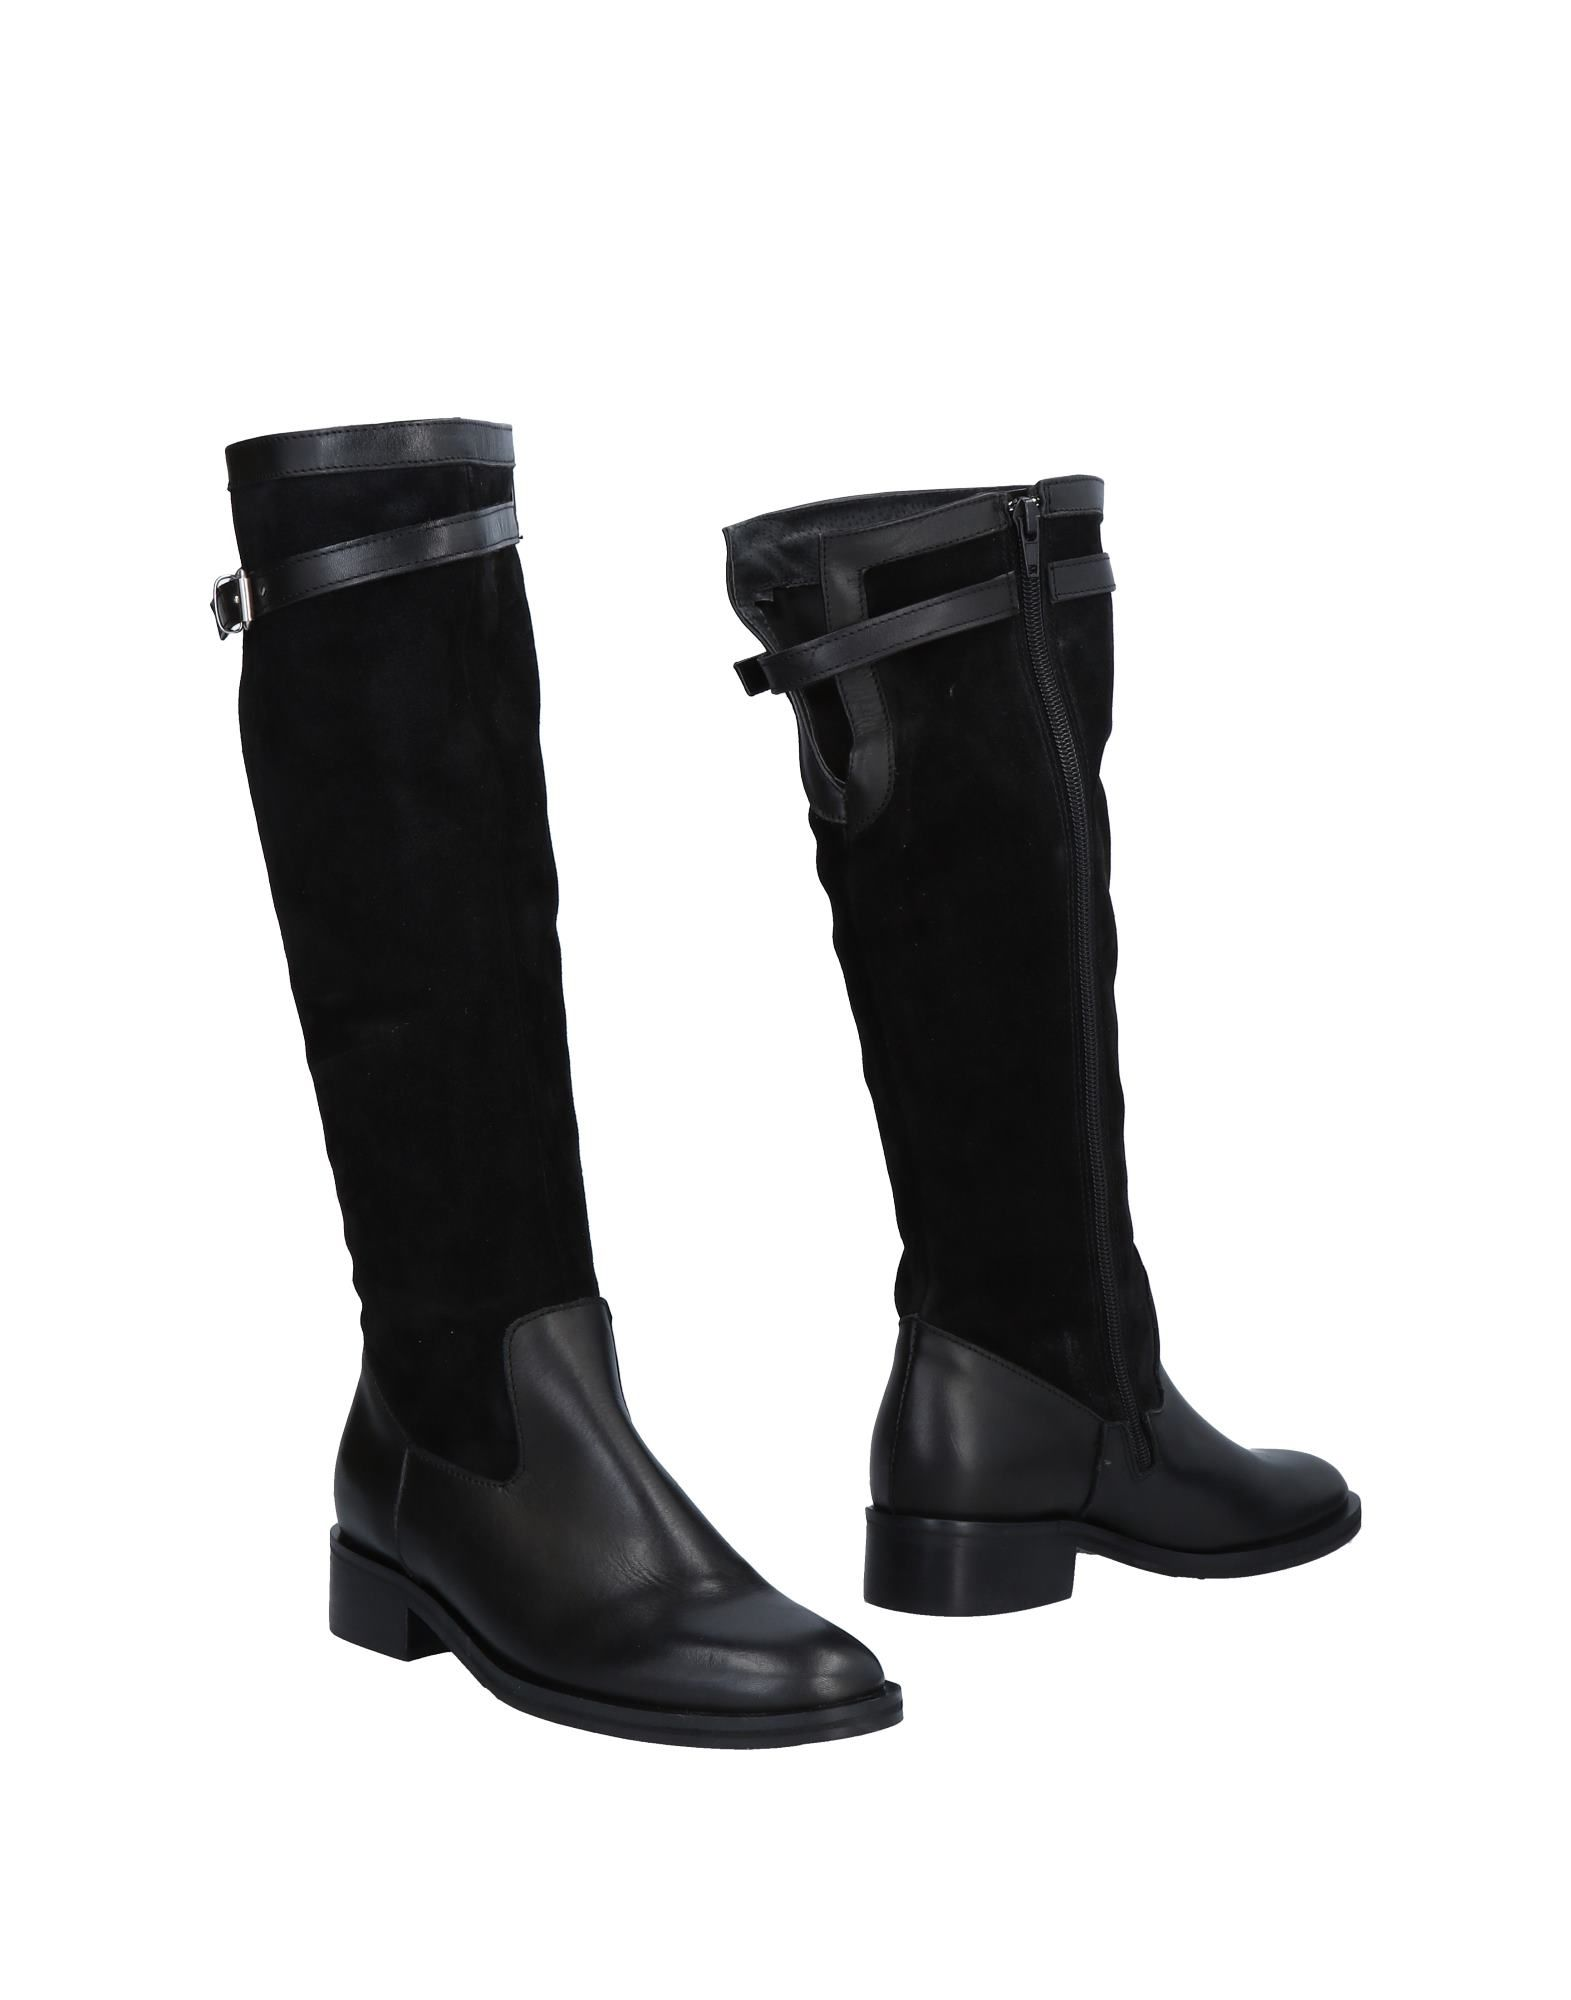 Gut um billige Schuhe Damen zu tragenJoyce Milano Stiefel Damen Schuhe  11496158GW 2dadef